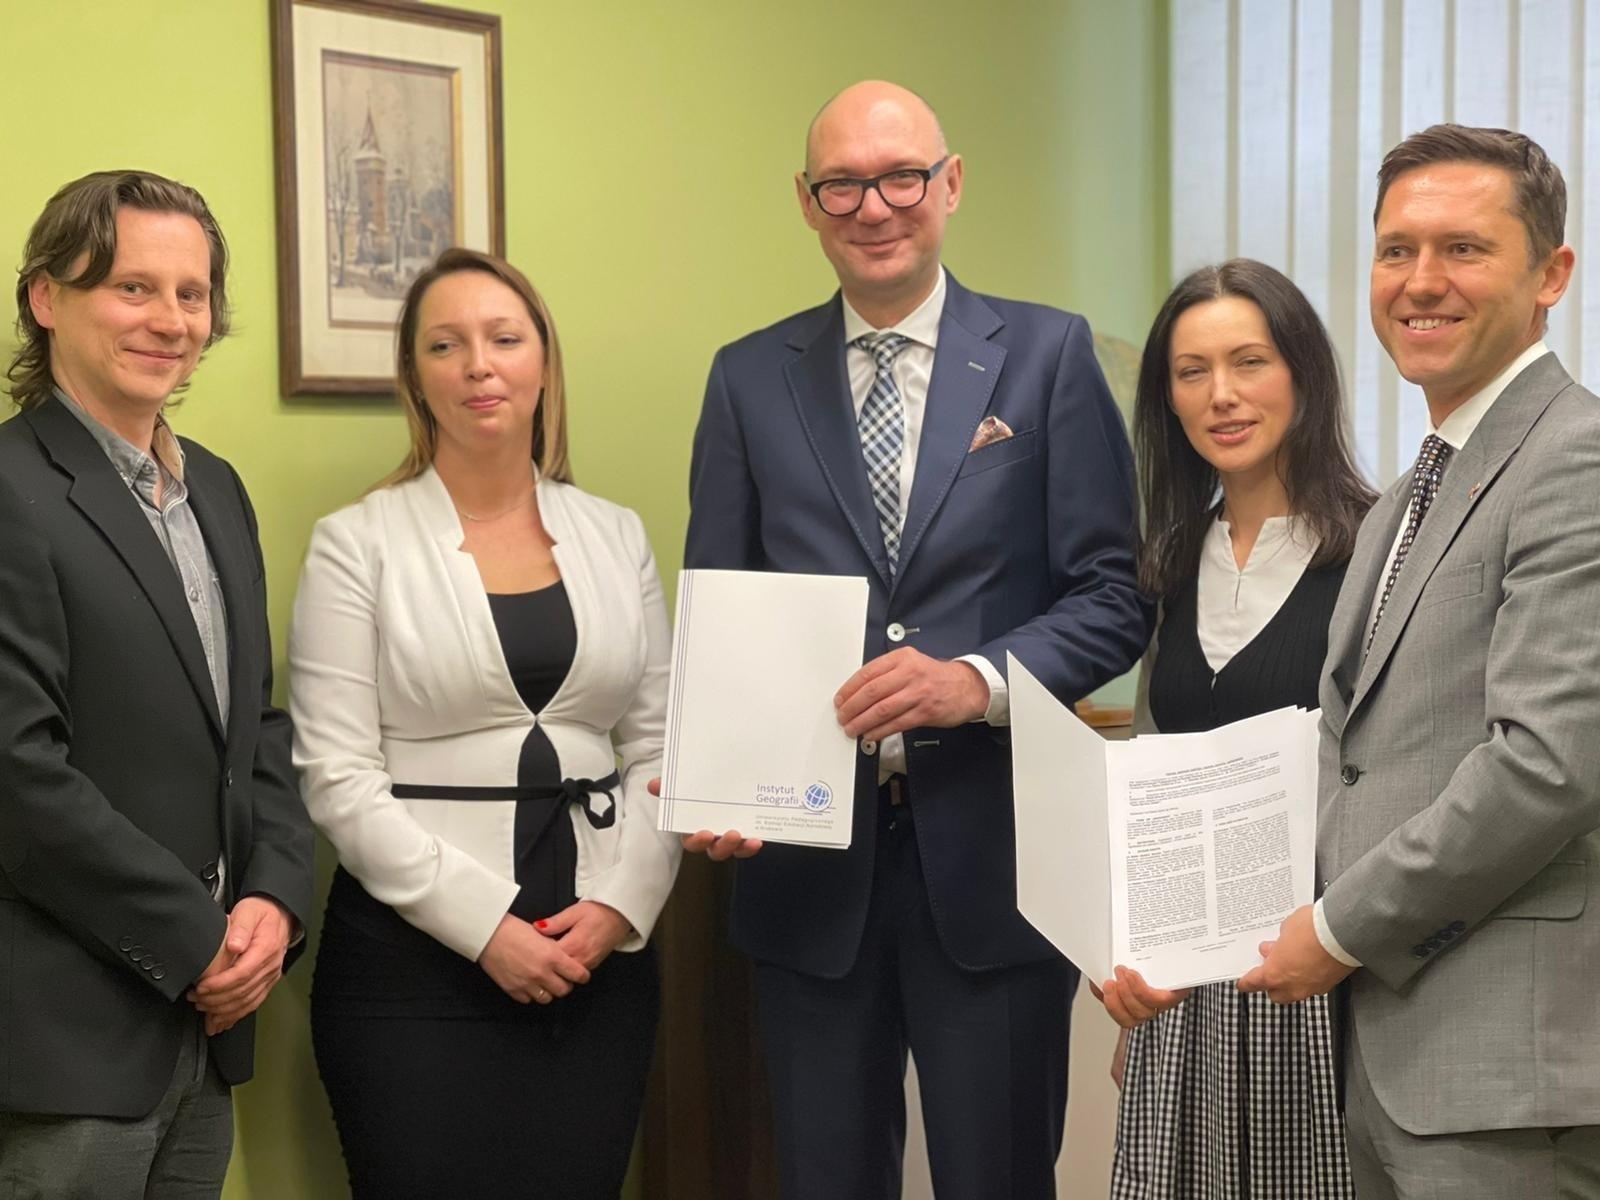 Turystyka w praktyce - Sabre Polska nawiązało współpracę z Uniwersytetem Pedagogicznym w Krakowie